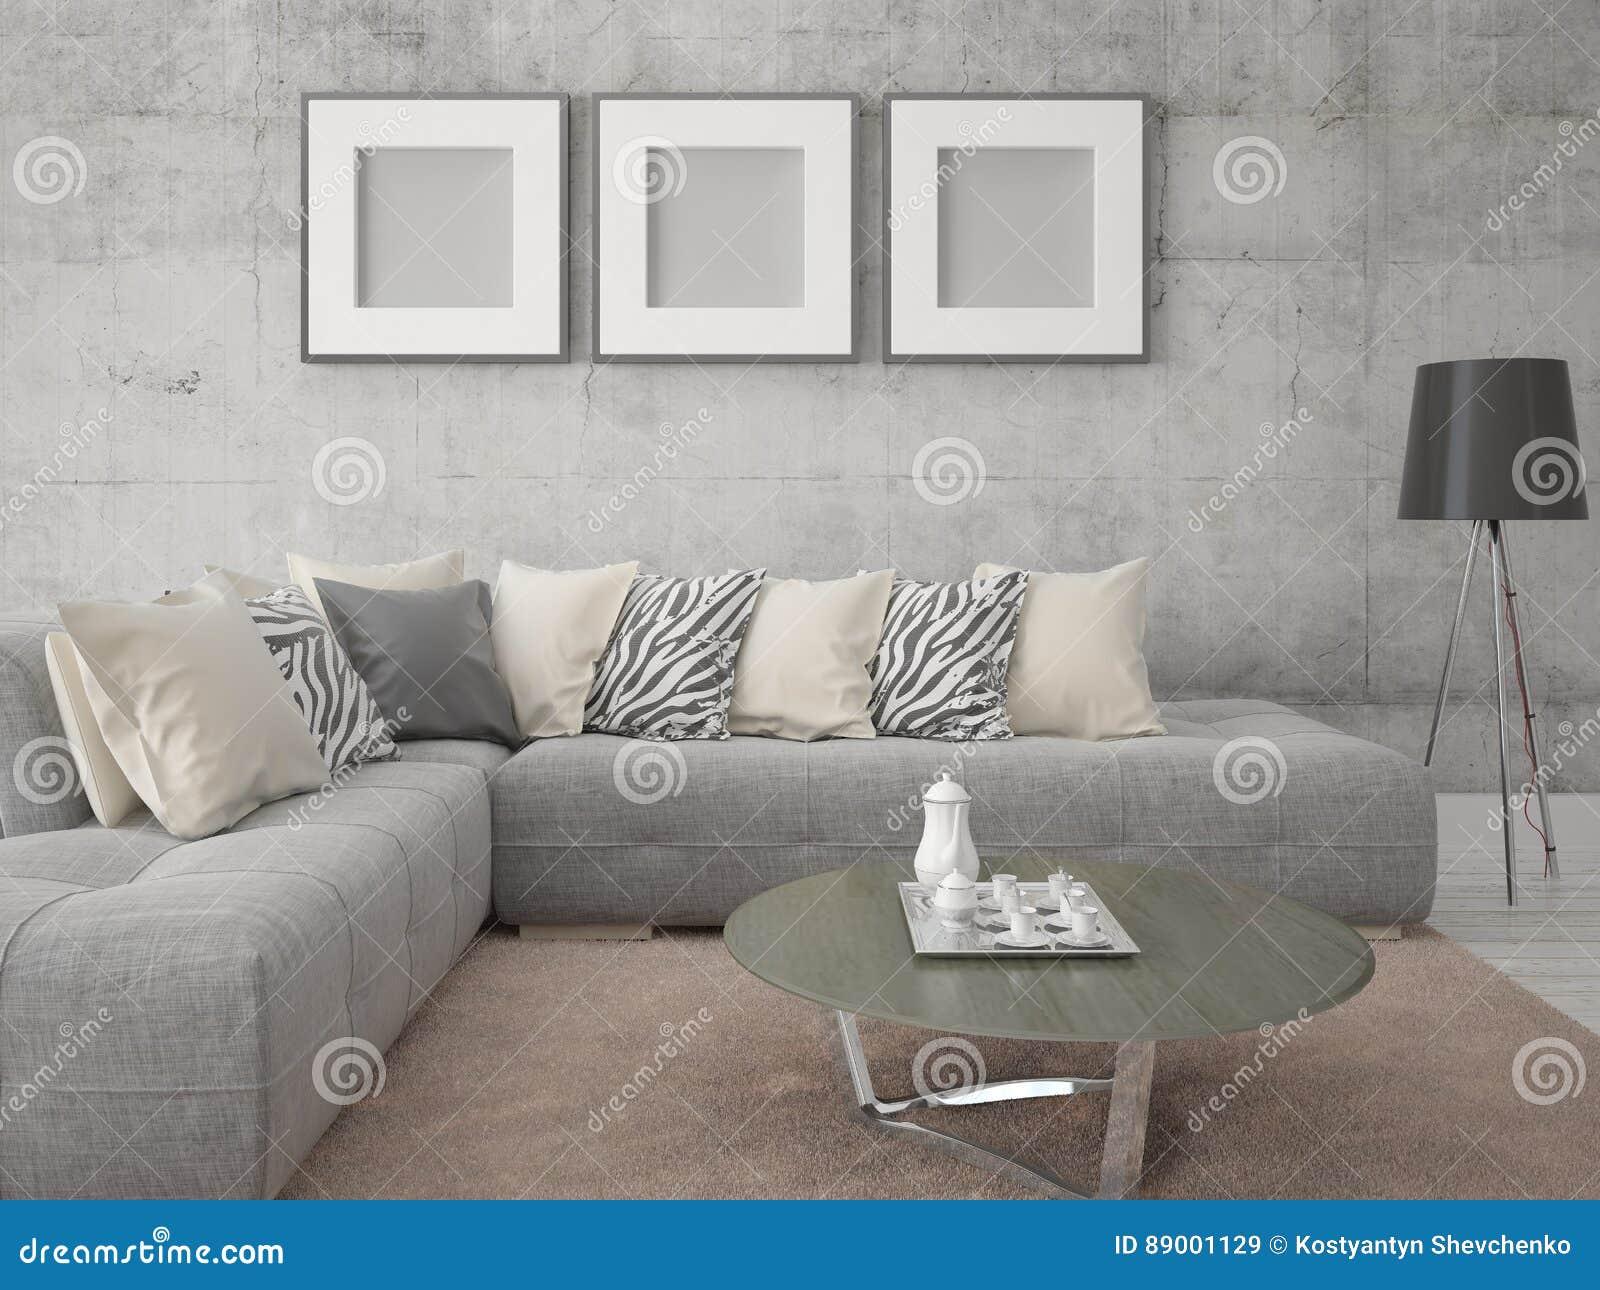 https://thumbs.dreamstime.com/z/moderne-woonkamer-met-een-comfortabele-hoekbank-89001129.jpg